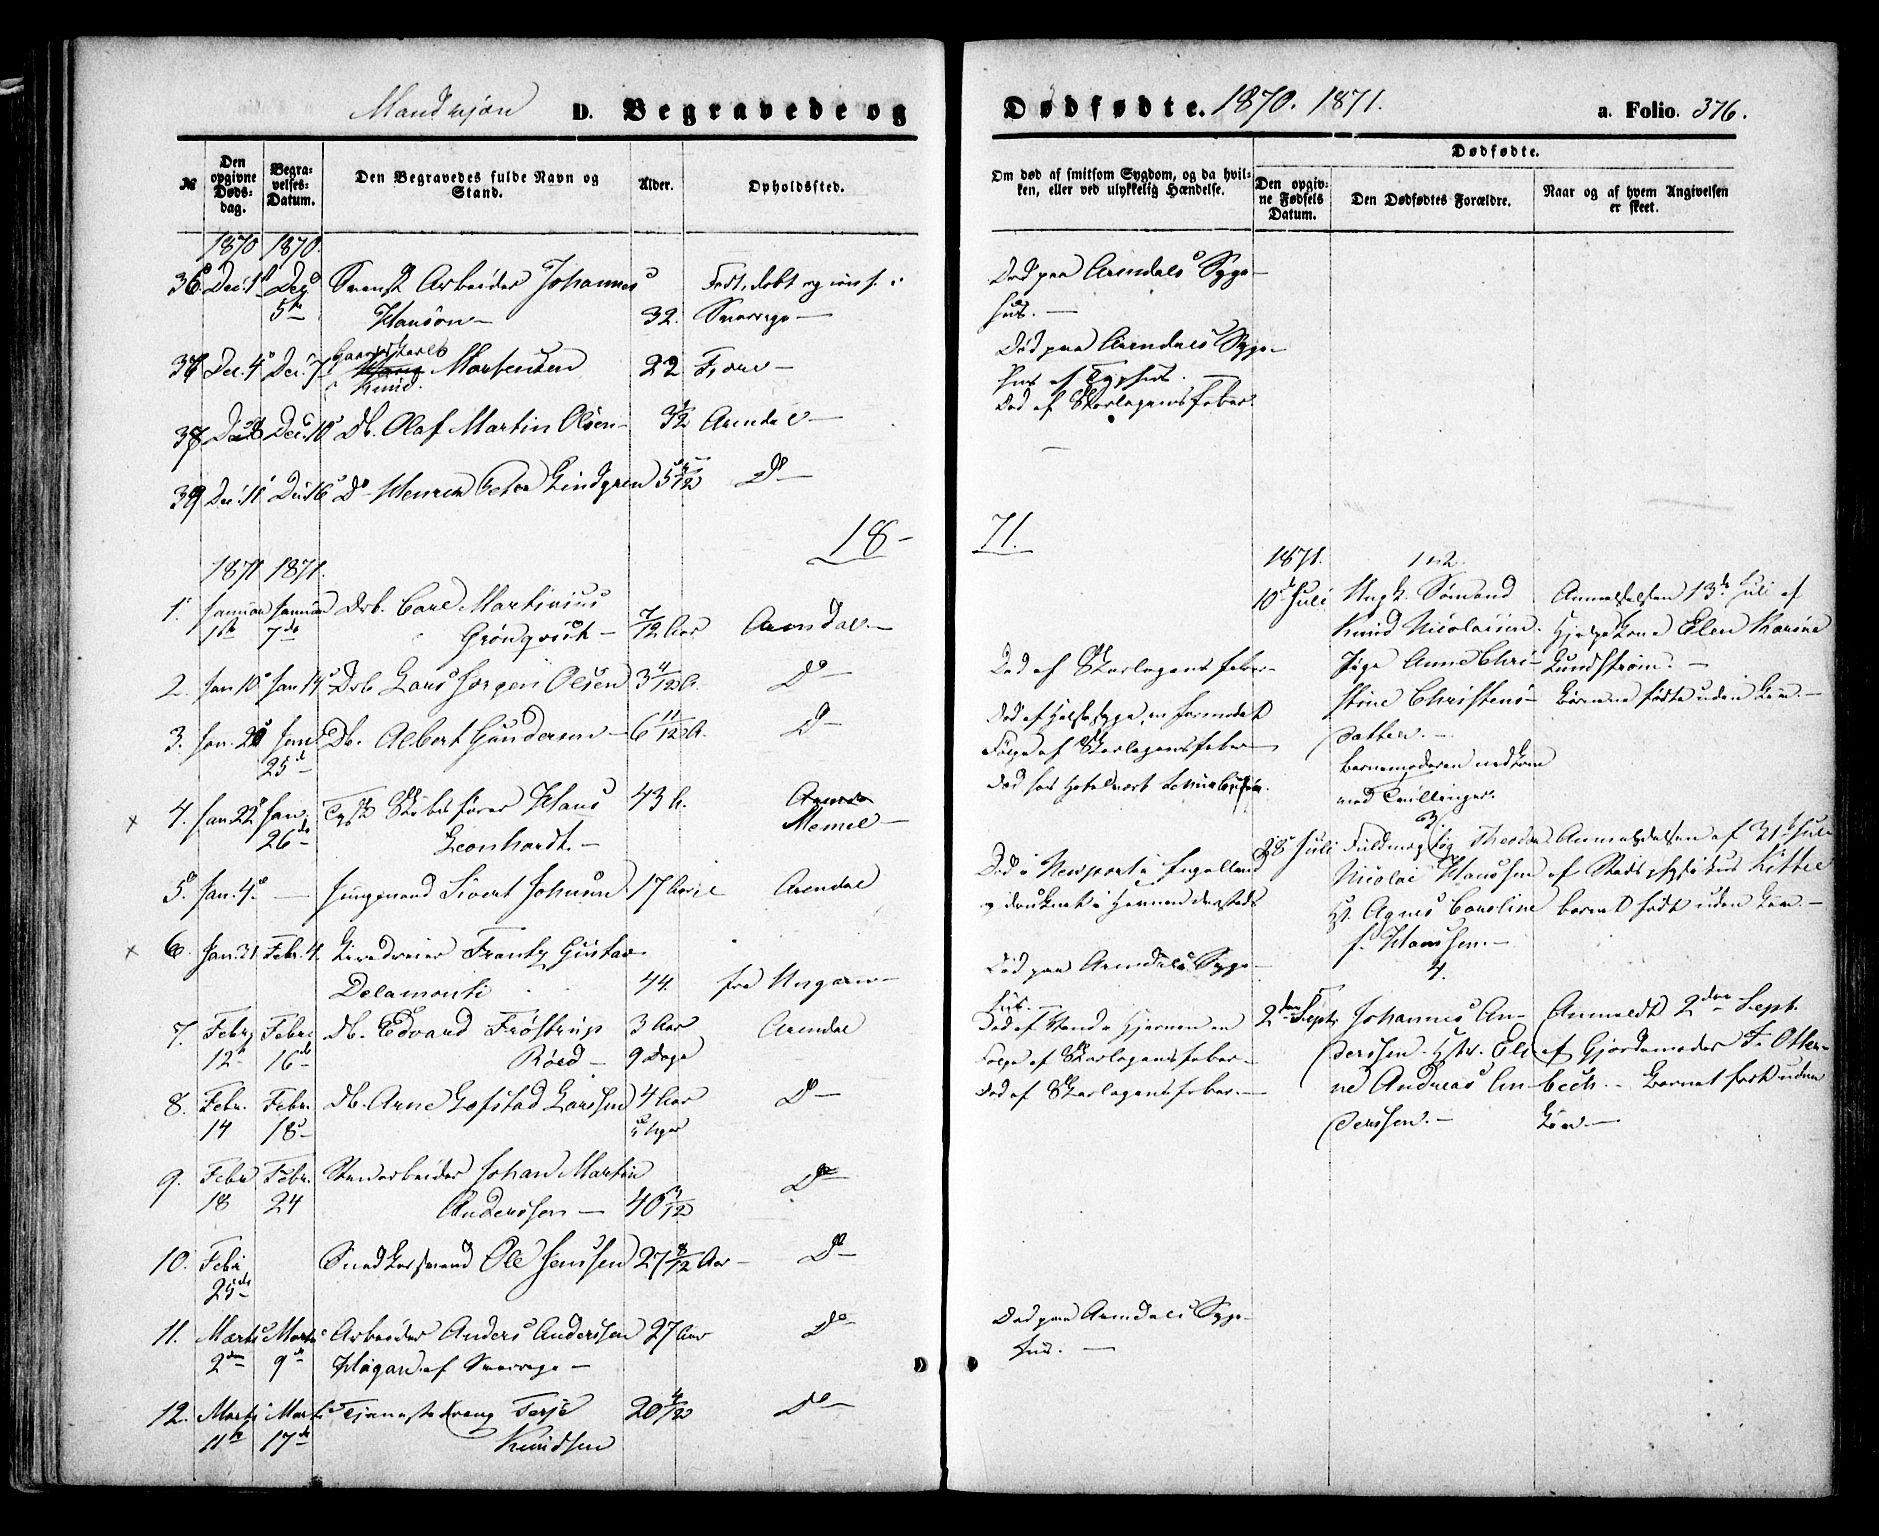 SAK, Arendal sokneprestkontor, Trefoldighet, F/Fa/L0007: Ministerialbok nr. A 7, 1868-1878, s. 376